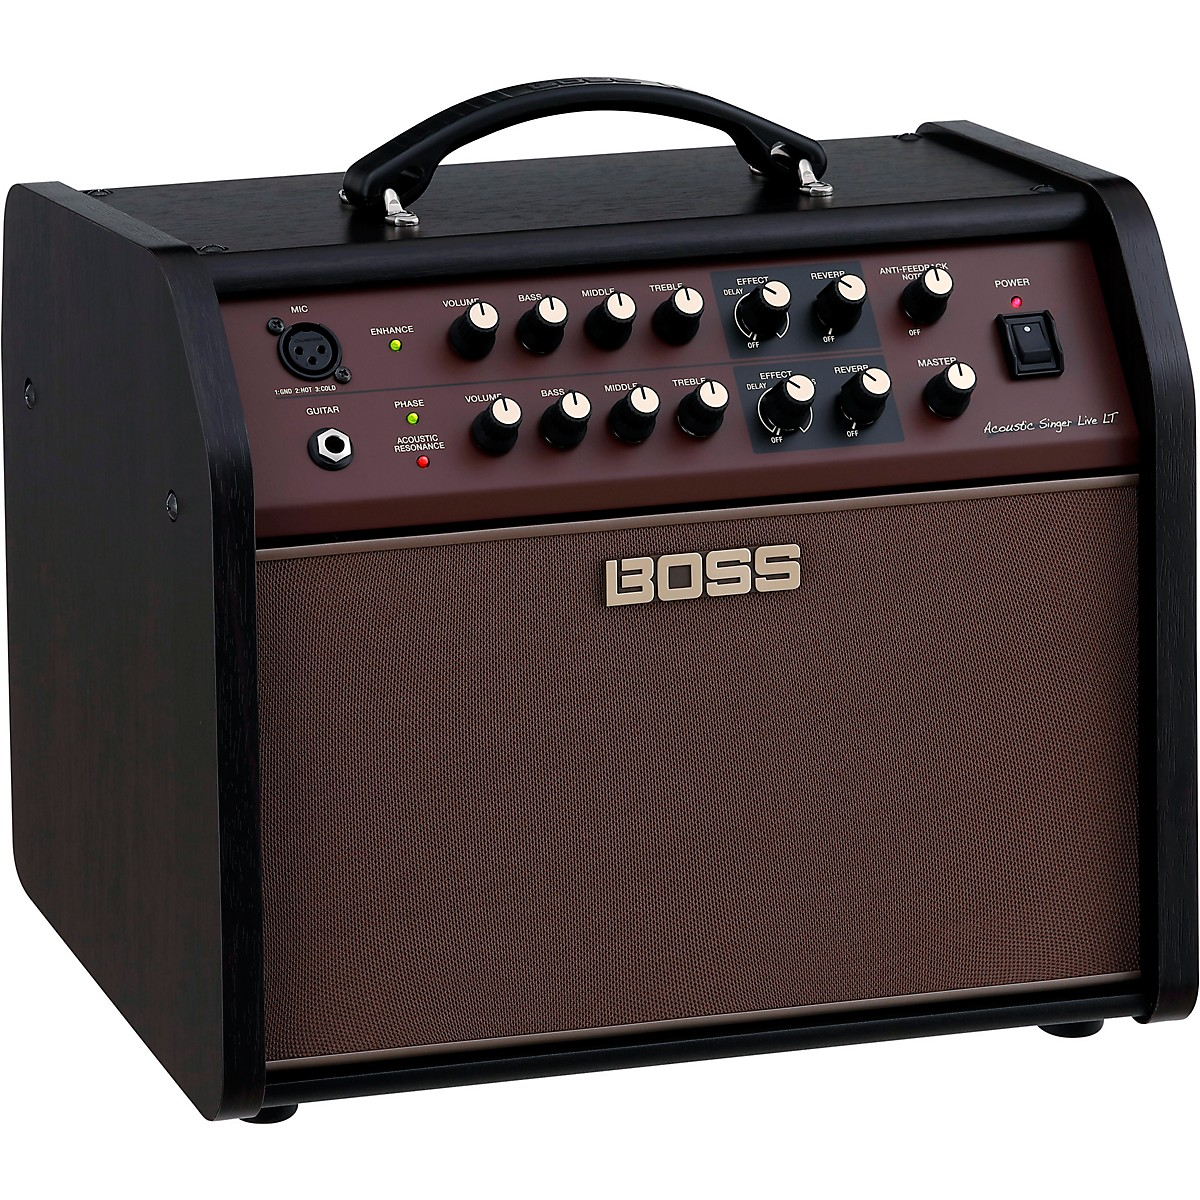 Boss Acoustic Singer Live LT 60W 1x6.5 Acoustic Guitar Combo Amplifier